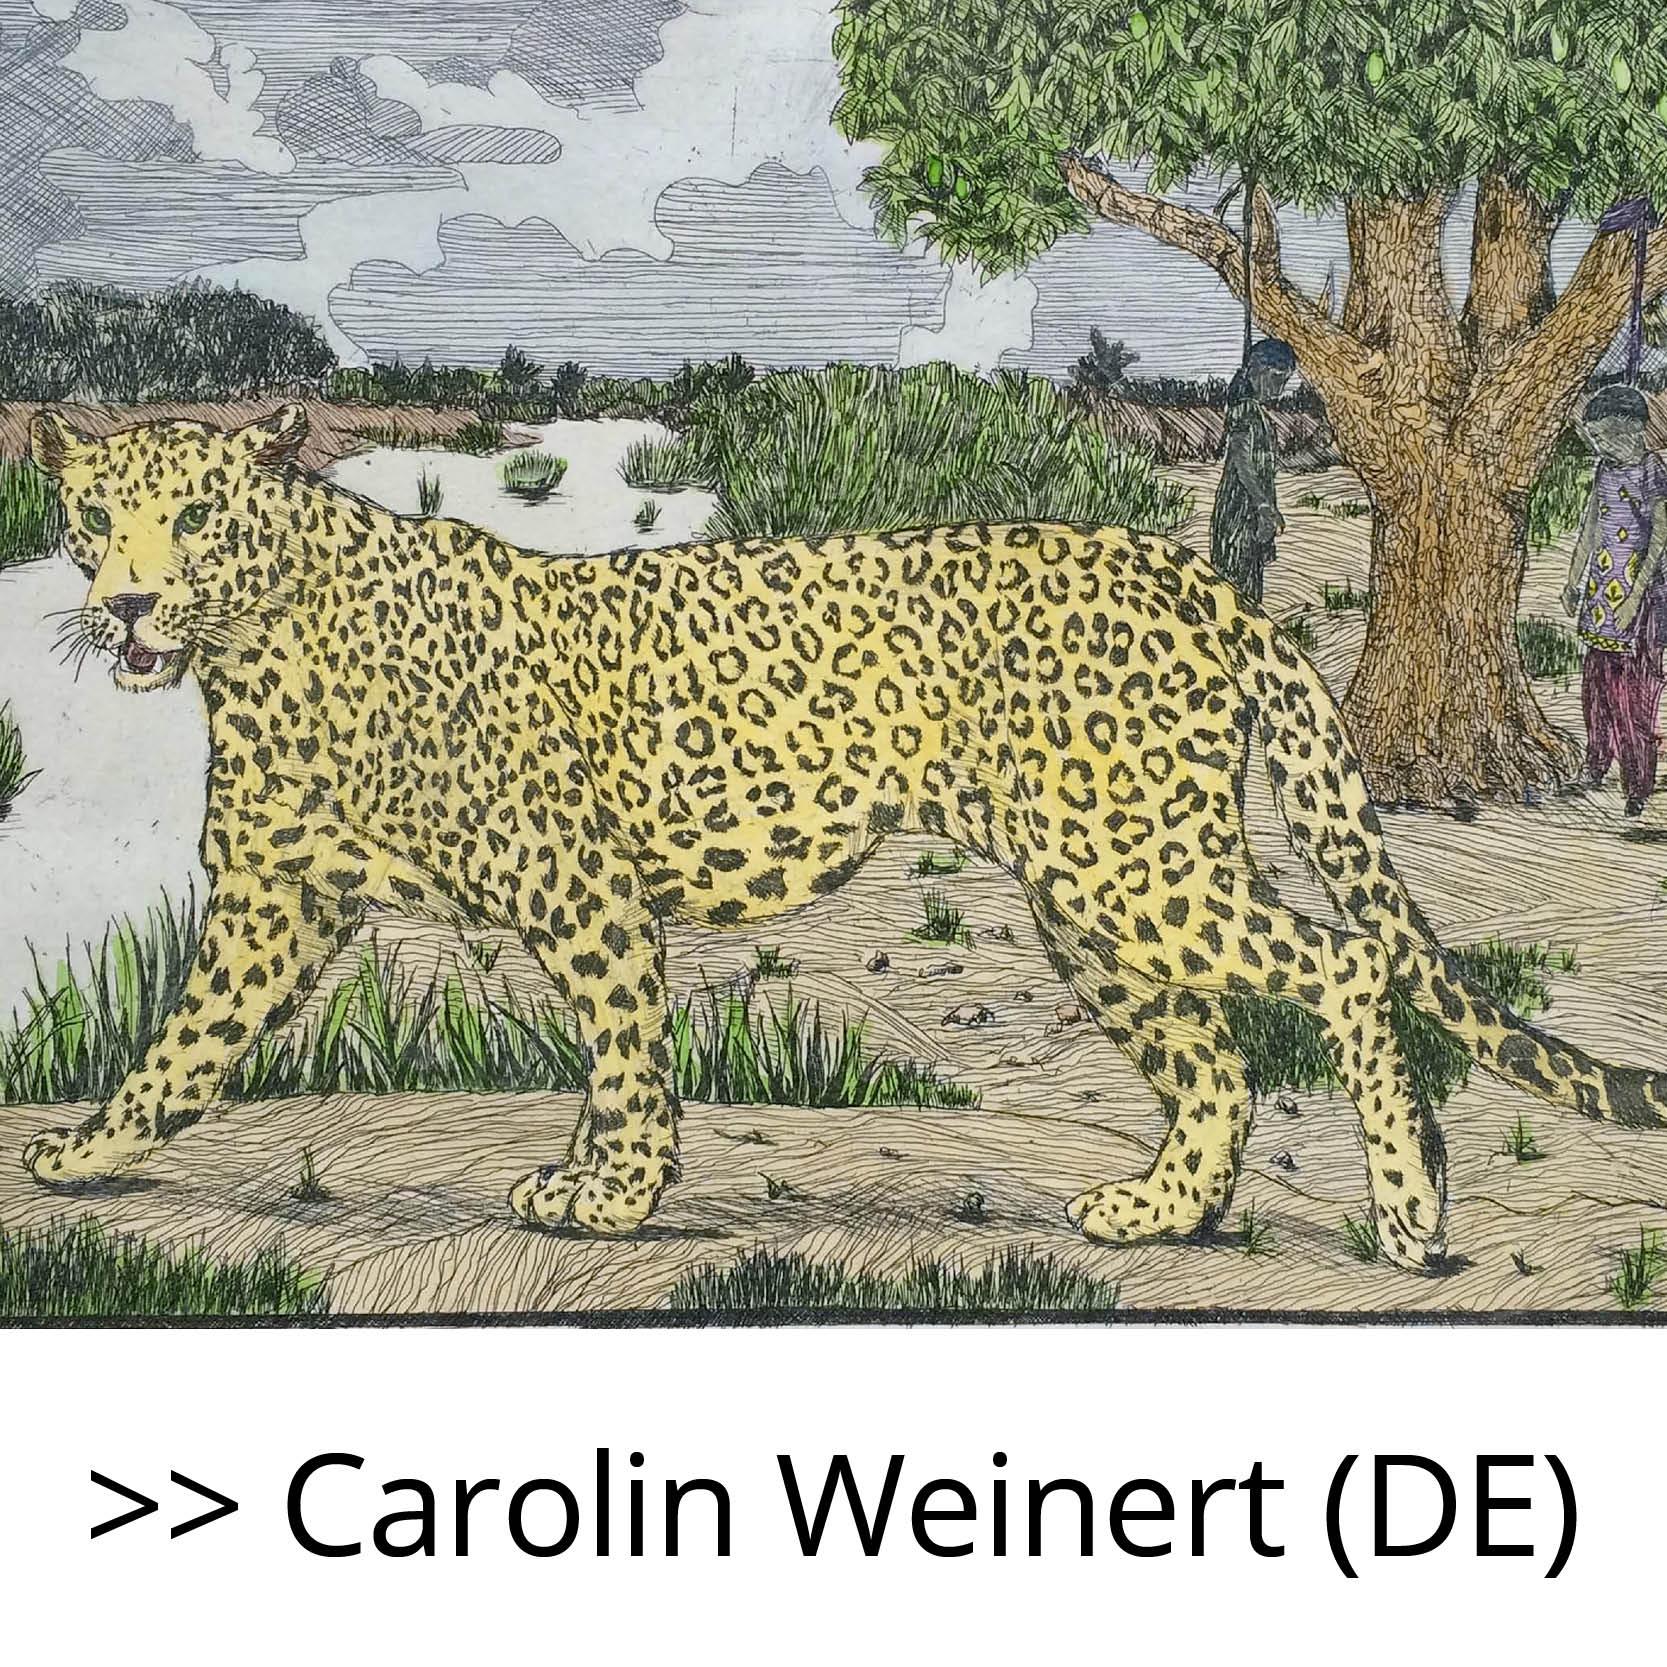 Carolin_Weinert_(DE)2